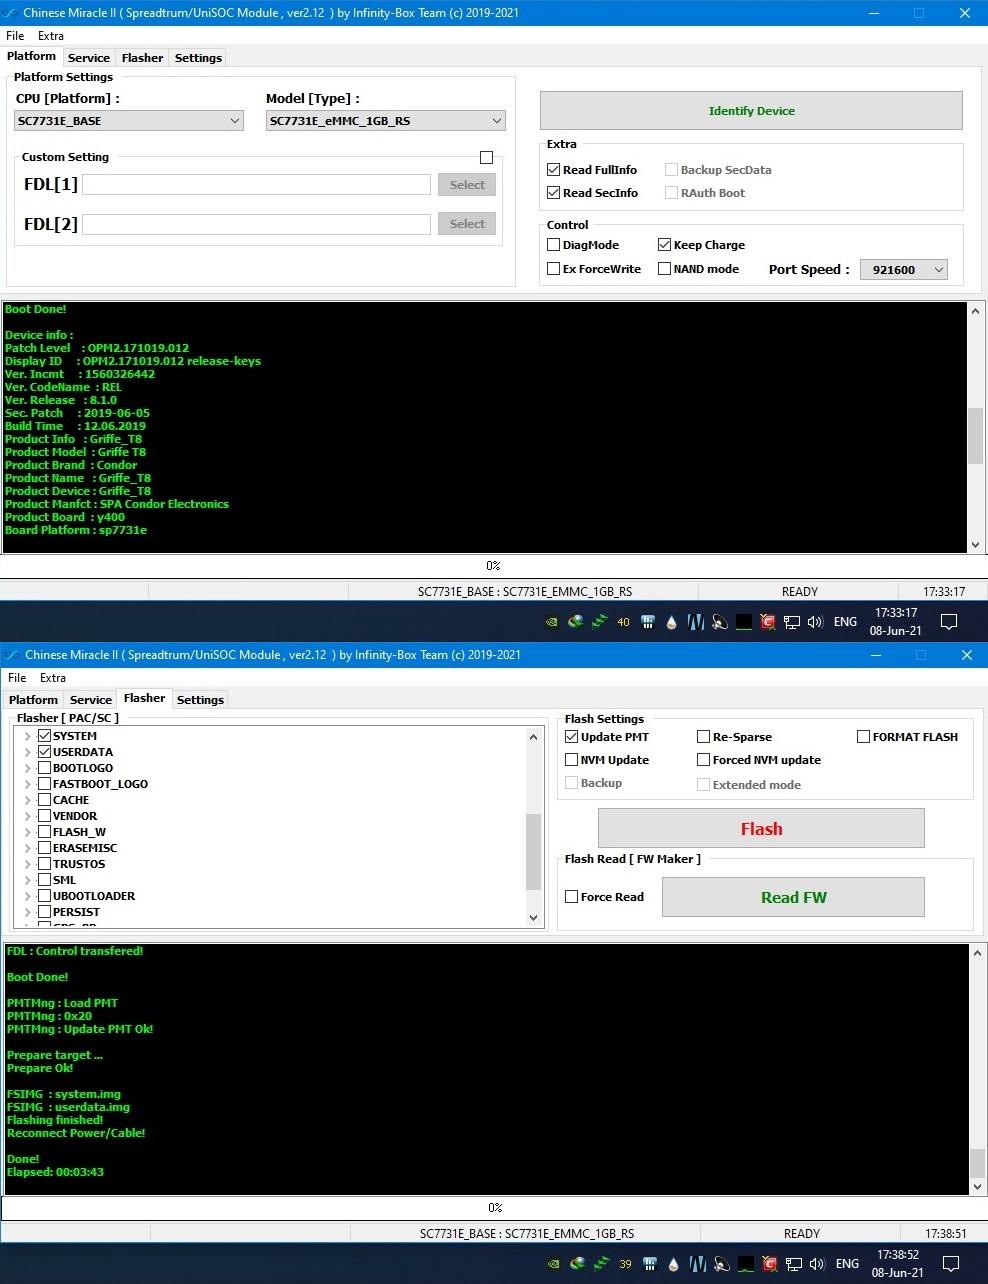 شرح تصليح البوت (Boot Repair) لـSamsung Galaxy Note II GT-N7100